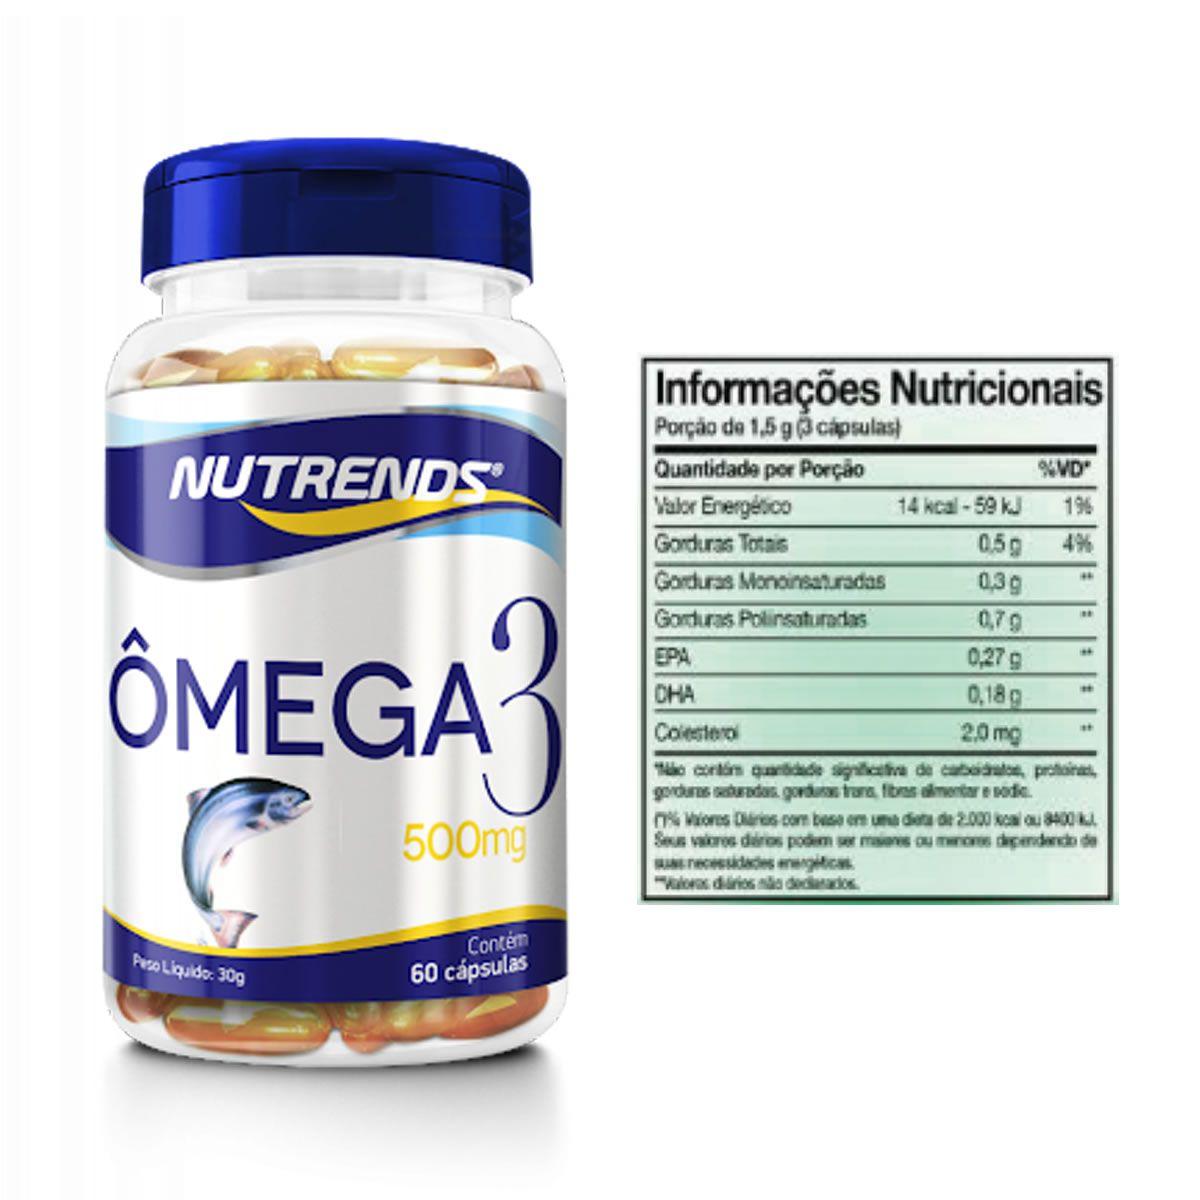 Omega 3 500mg 60 Cápsulas - Nutrends